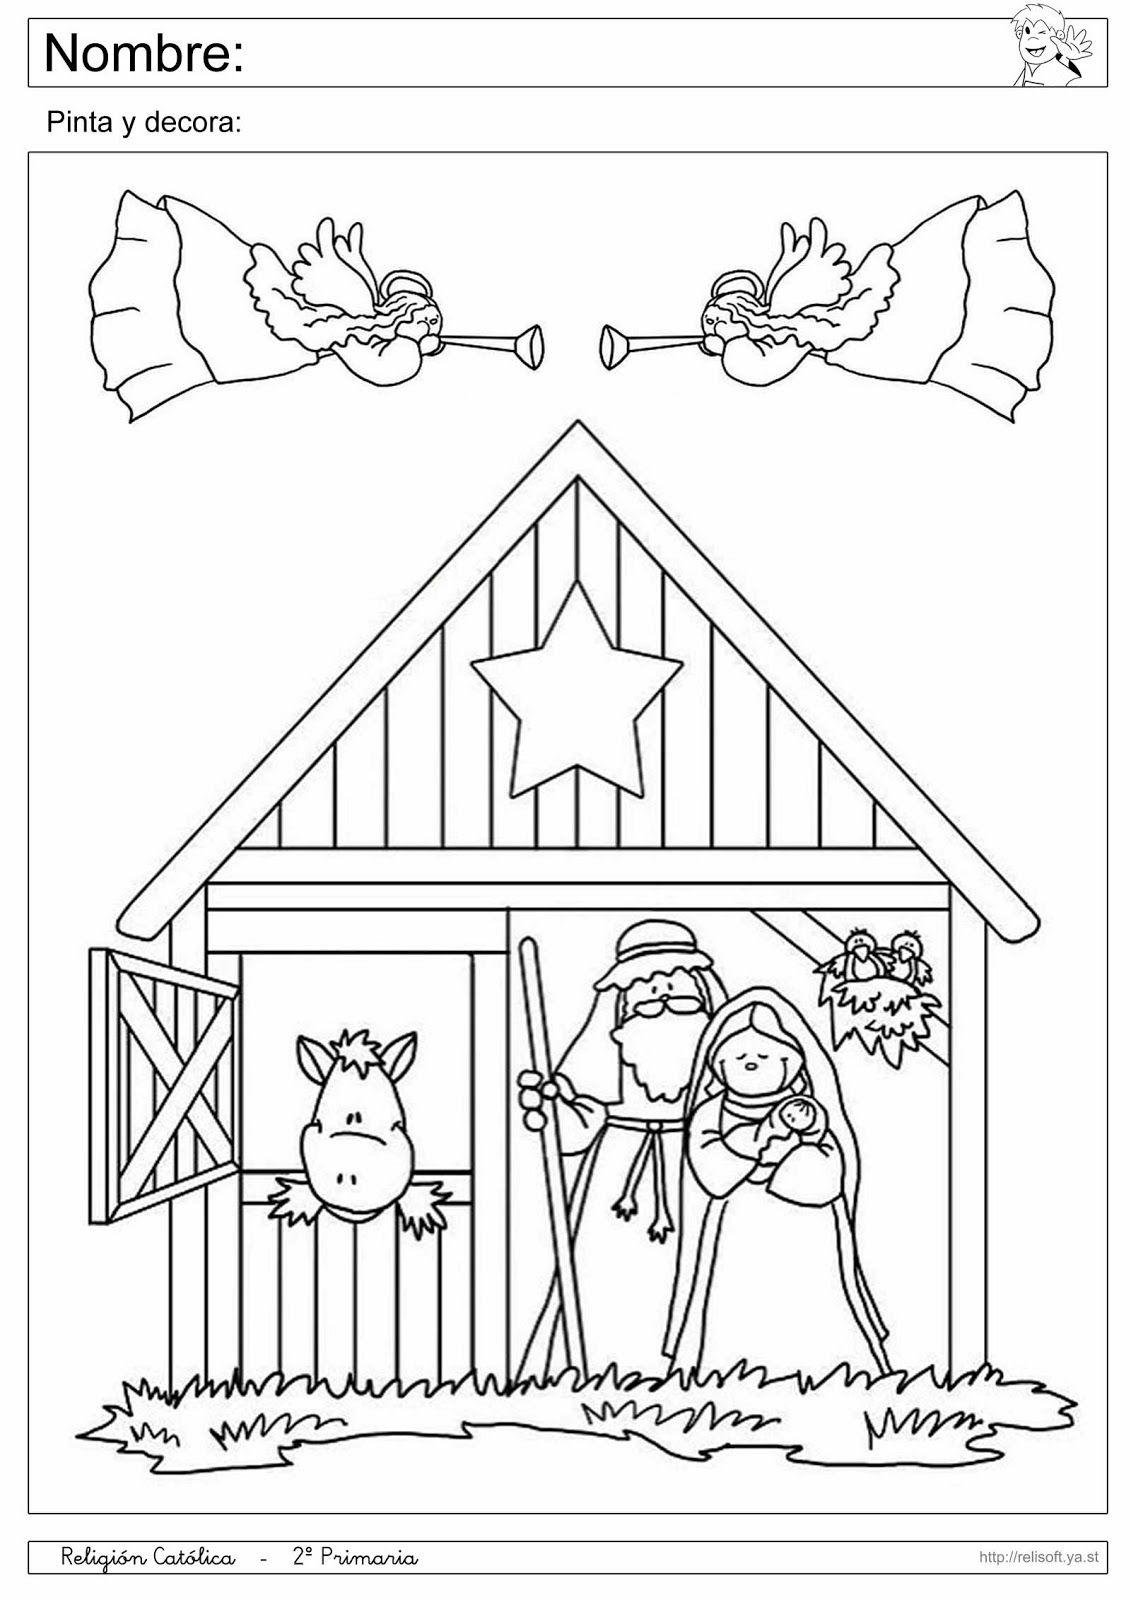 Fichas De Dibujos De Navidad.Recursos Religion Catolica Fichas 1º Y 2º Primaria